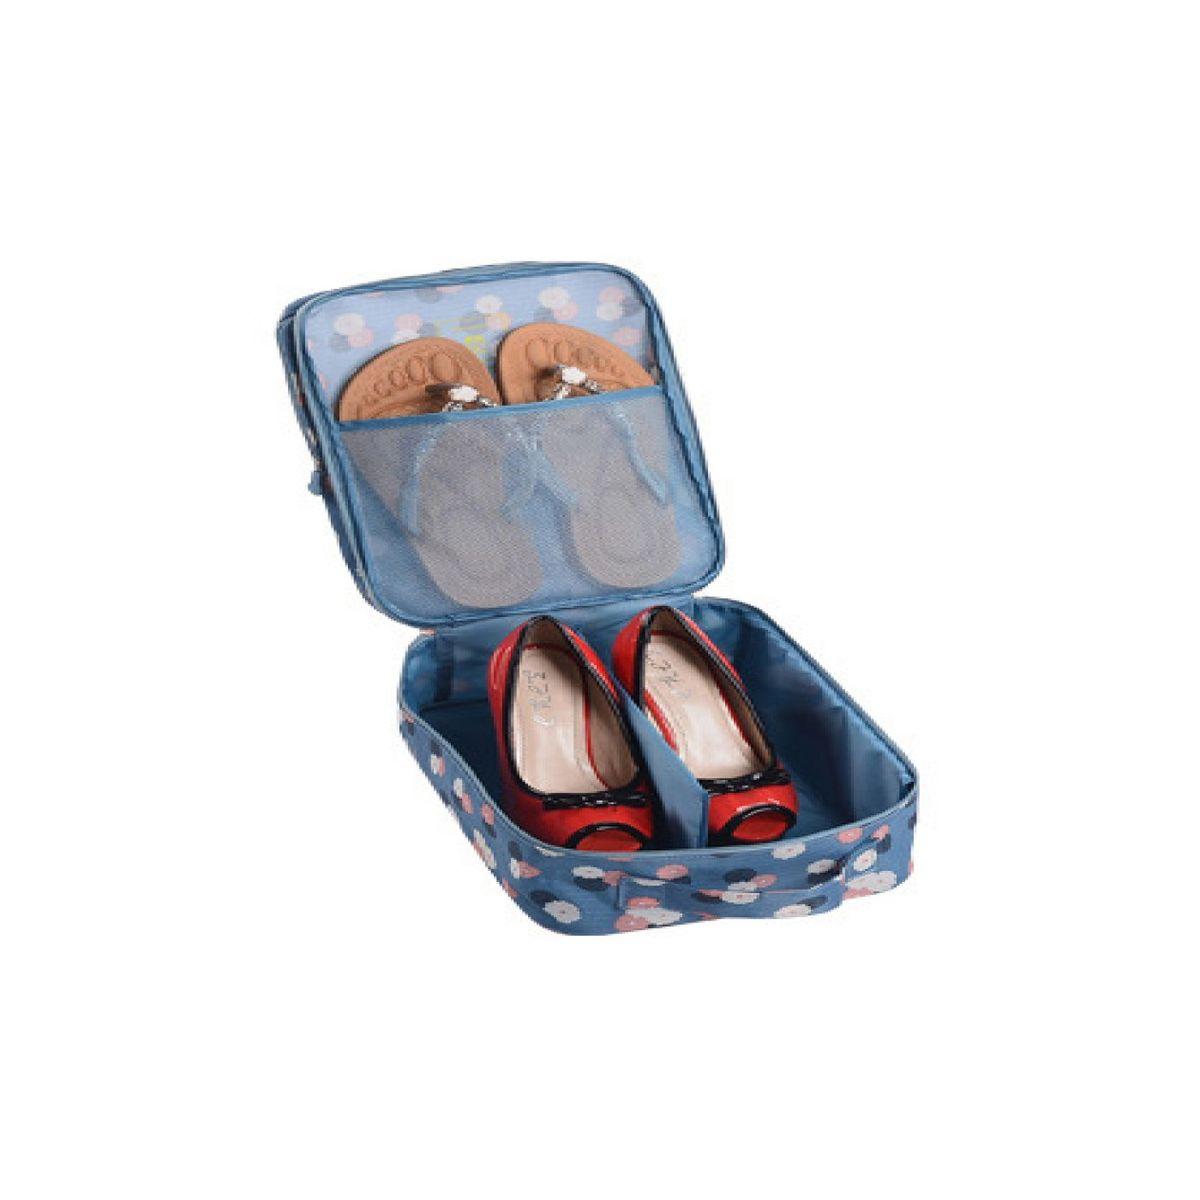 Органайзер для обуви Homsu Цветок, цвет: синий, белый, розовый, 32 x 20 x 13 смHOM-409Органайзер для обуви Homsu Цветок изготовлен из 100% полиэстера. Экономичная замена пластиковым пакетам и громоздким коробкам. Органайзер закрывается на молнию. Имеется ручка для удобной переноски. Внутри органайзер разделен на 2 отделения для обуви с дополнительным сетчатым кармашком.Очень компактный и очень удобный, такой органайзер поможет вам хранить обувь в чистоте и порядке.Размер: 32 х 20 х 13 см.